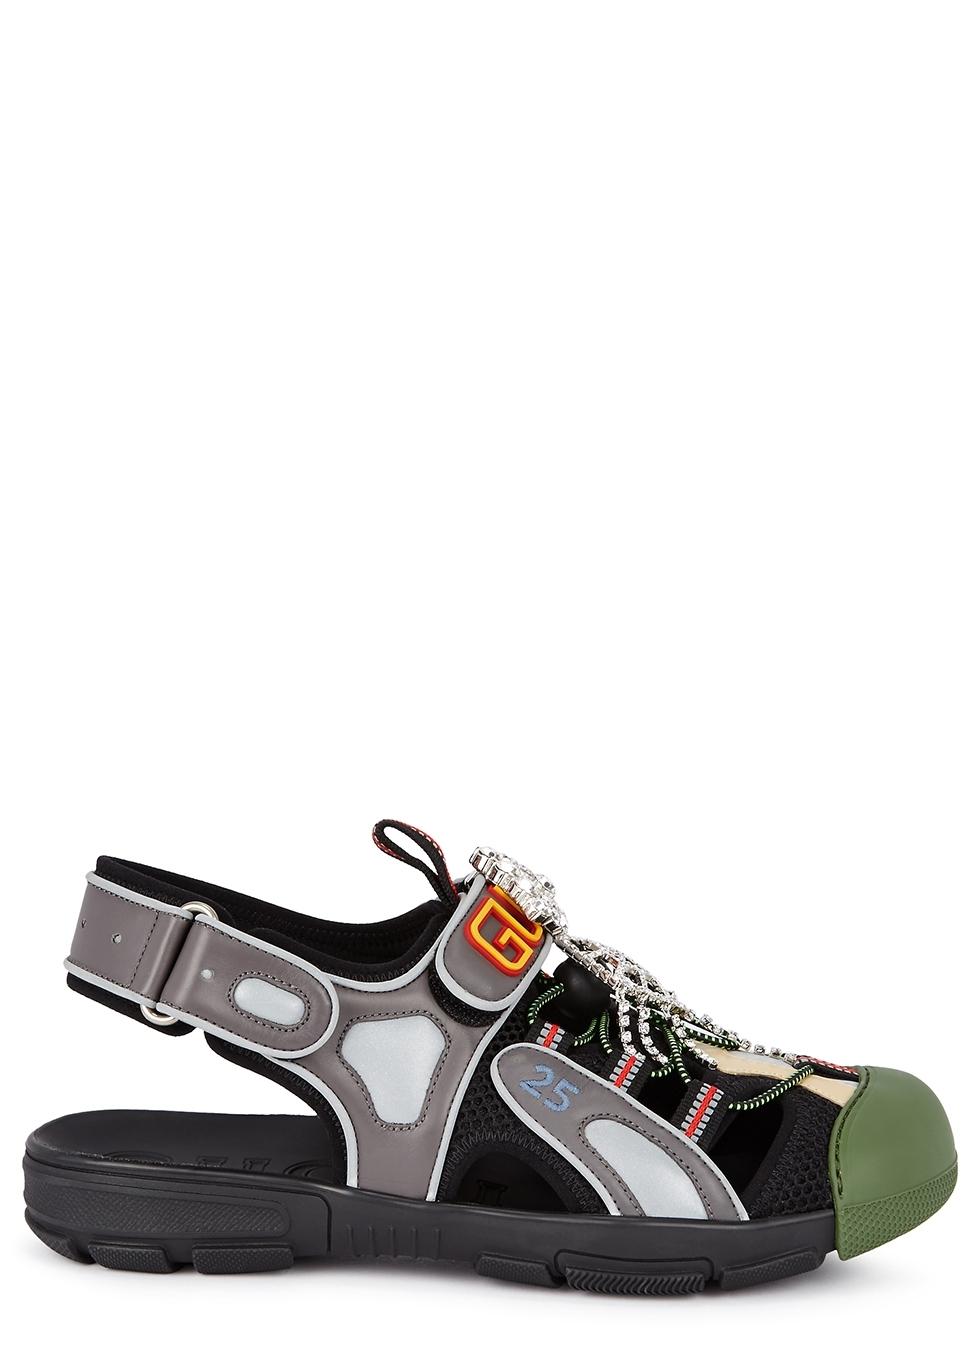 e3af3e25849 Women s Designer Shoes - Ladies Shoes - Harvey Nichols